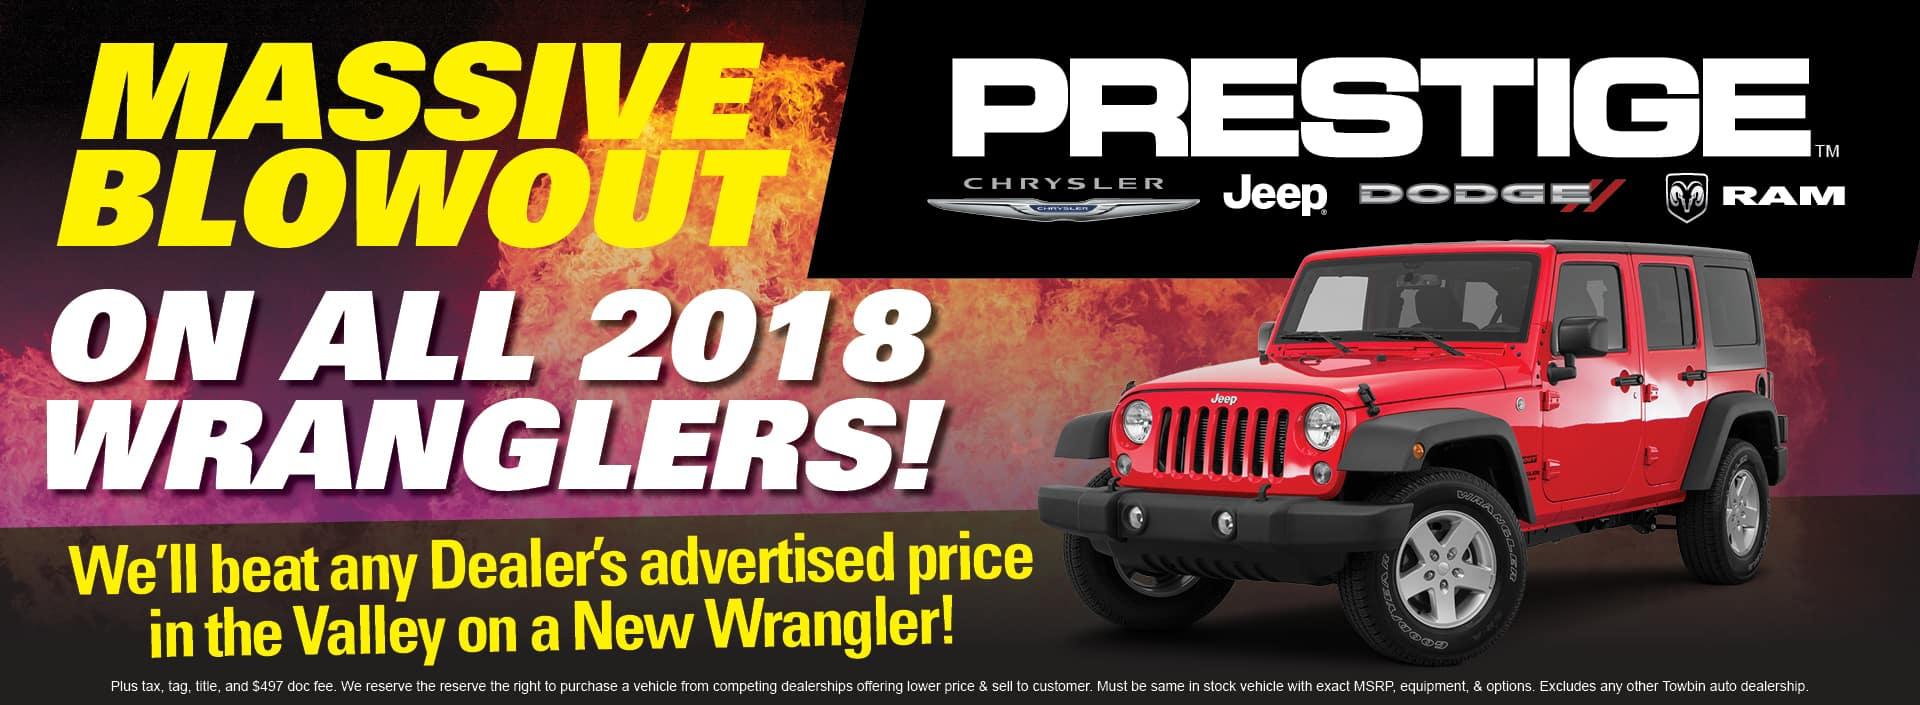 Jeep Dealership Las Vegas >> New Jeep Wrangler In Las Vegas Prestige Chrysler Jeep